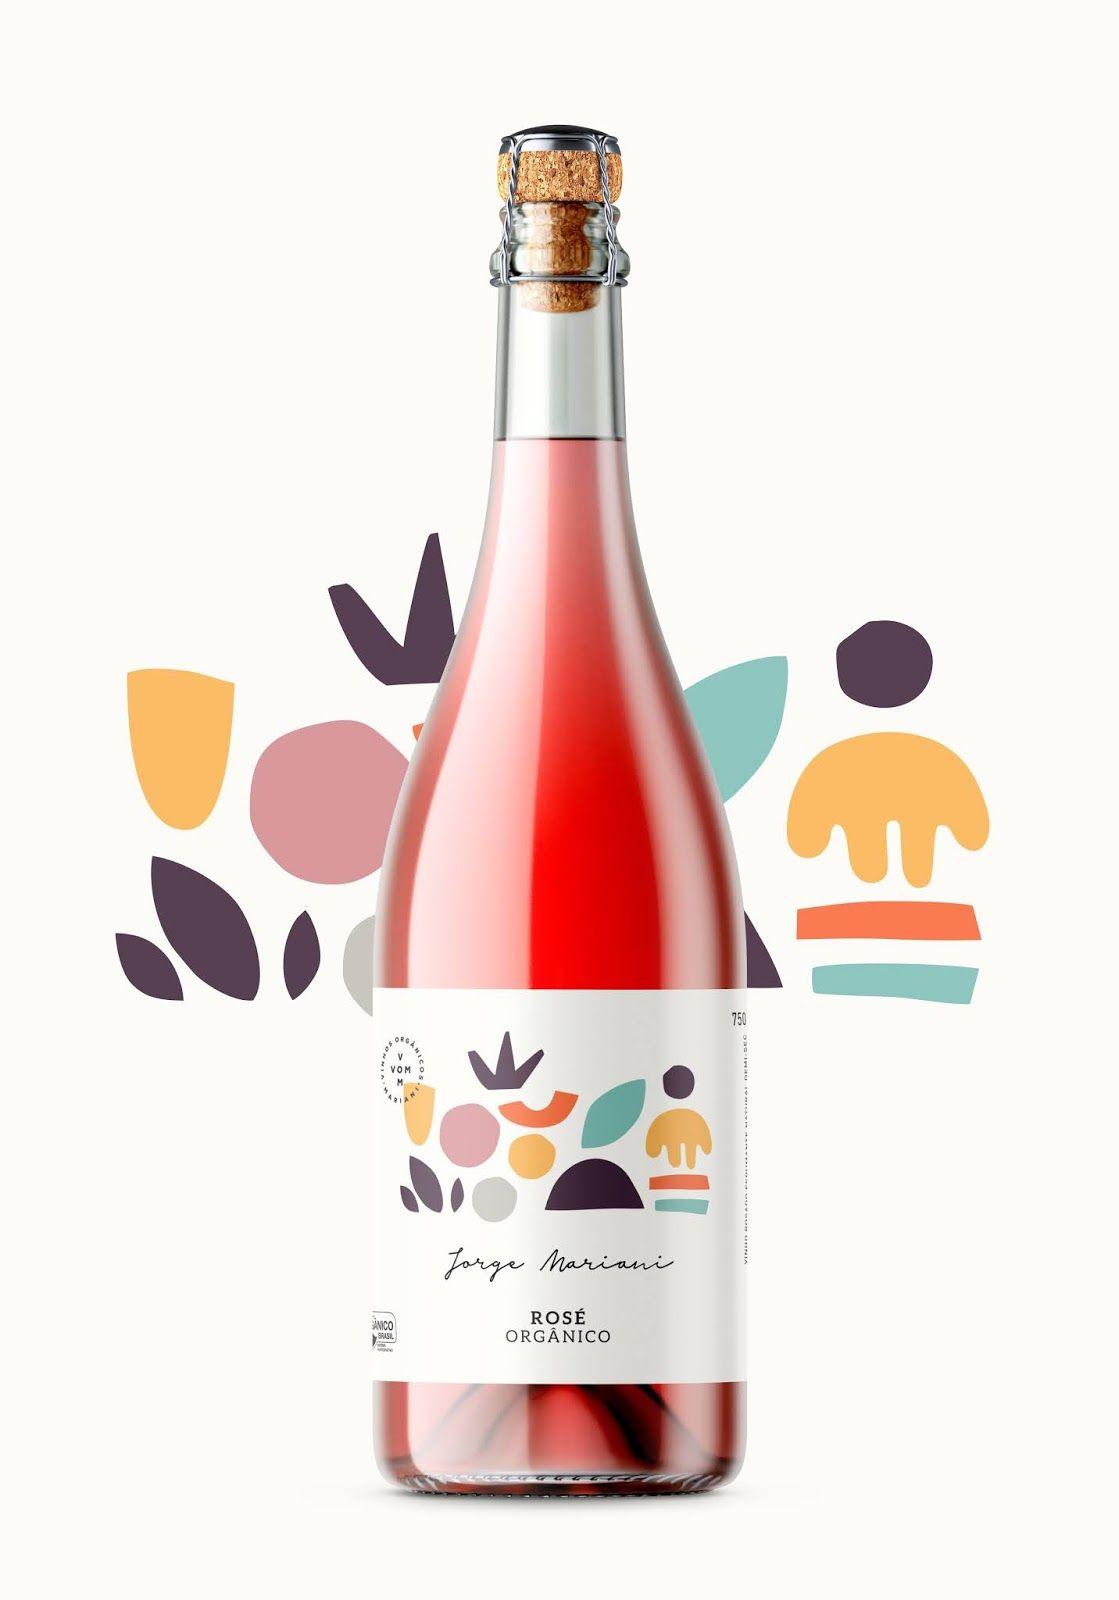 Jorge Mariani Rose Sparkling Wine In 2020 Wine Packaging Design Bottle Label Design Wine Design